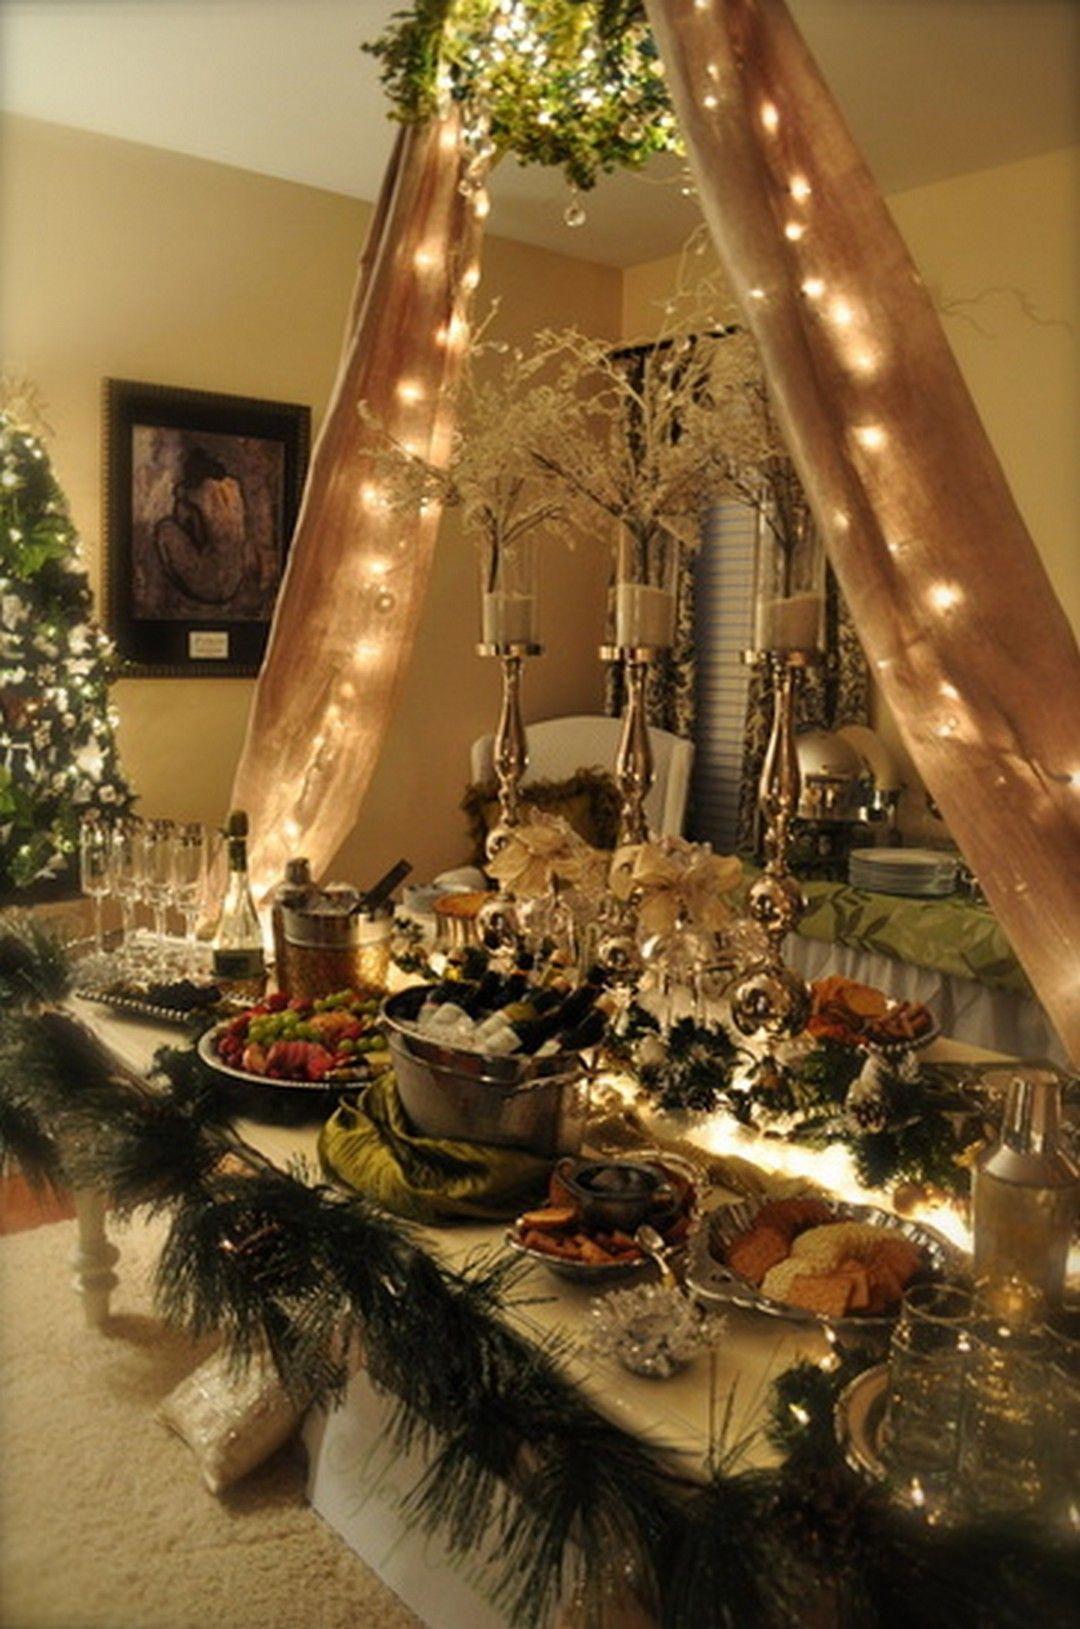 #christmashome #ferientisch #christmashome #ferientisch #christmashome #ferientisch #christmashome #ferientisch